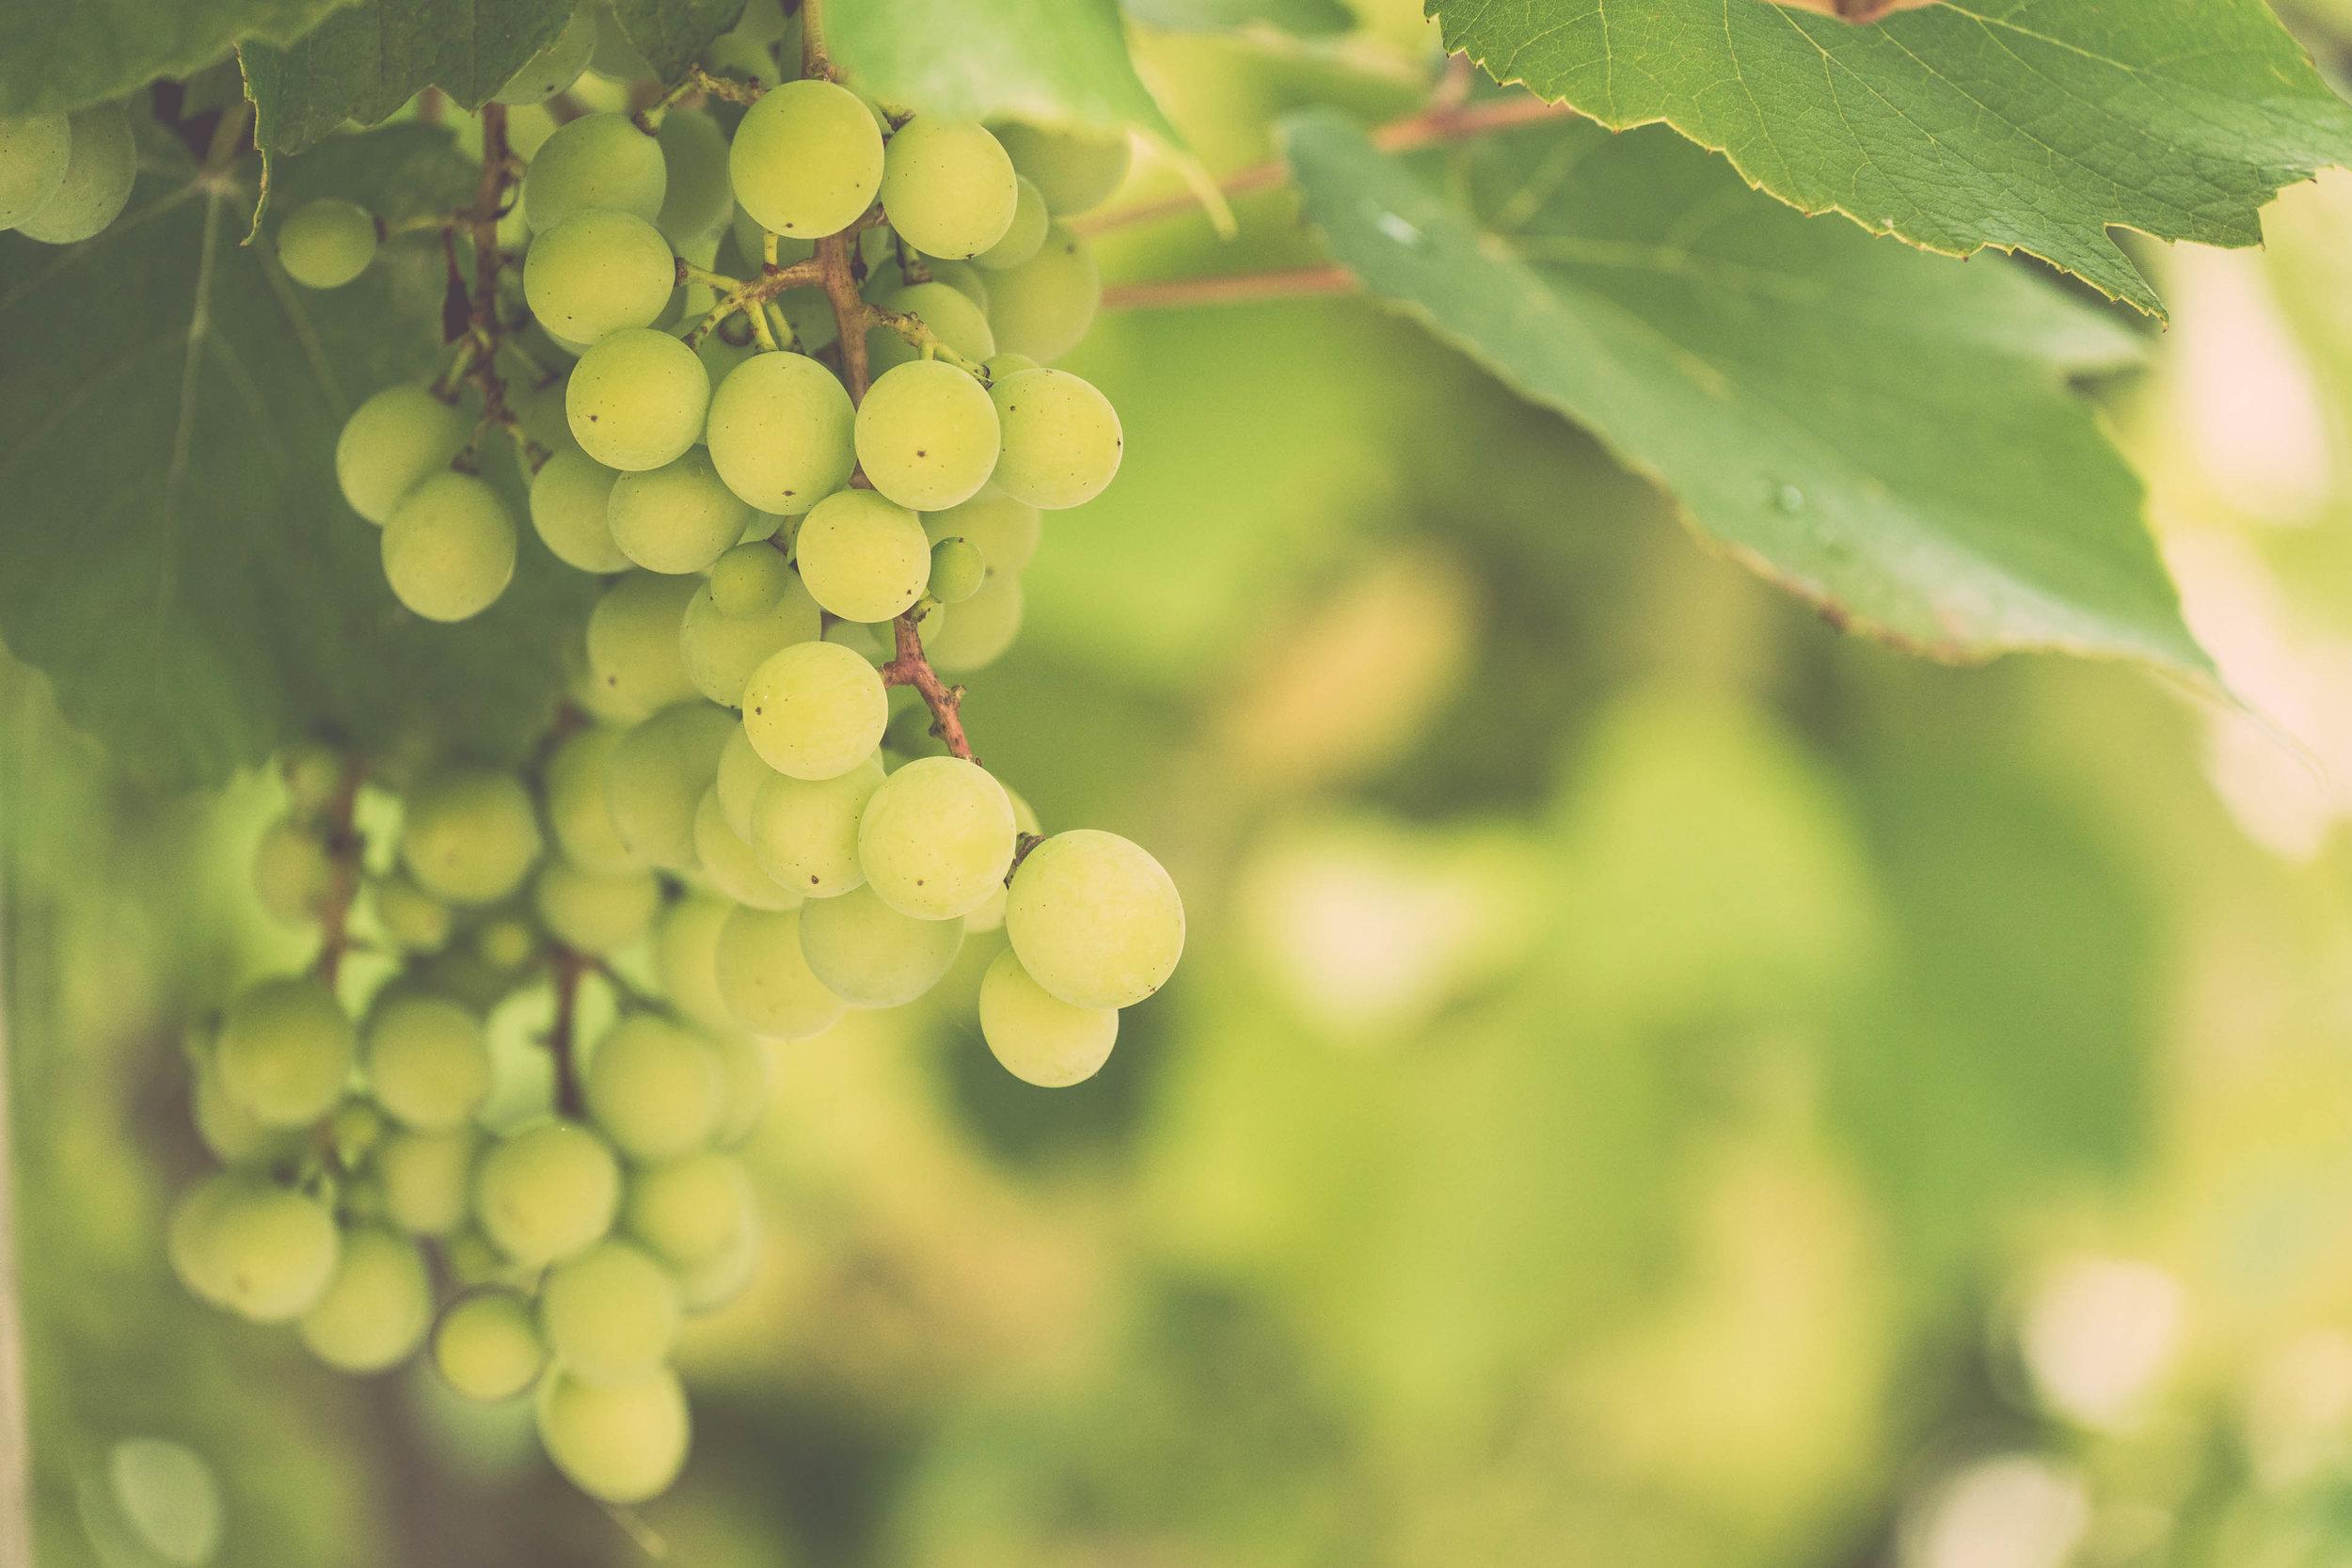 Spargel trifft Weisswein - Freitag, 17. Mai 2019begrüssen wir Herrn Silvano Costa von der Getränke-Quelle Chur, welcher Sie in die verschiedenen Kombinationsmöglichkeiten von Spargel und Weisswein einweit.Melden Sie sich hier gleich an; wir freuen uns auf einen spannenden Abend.